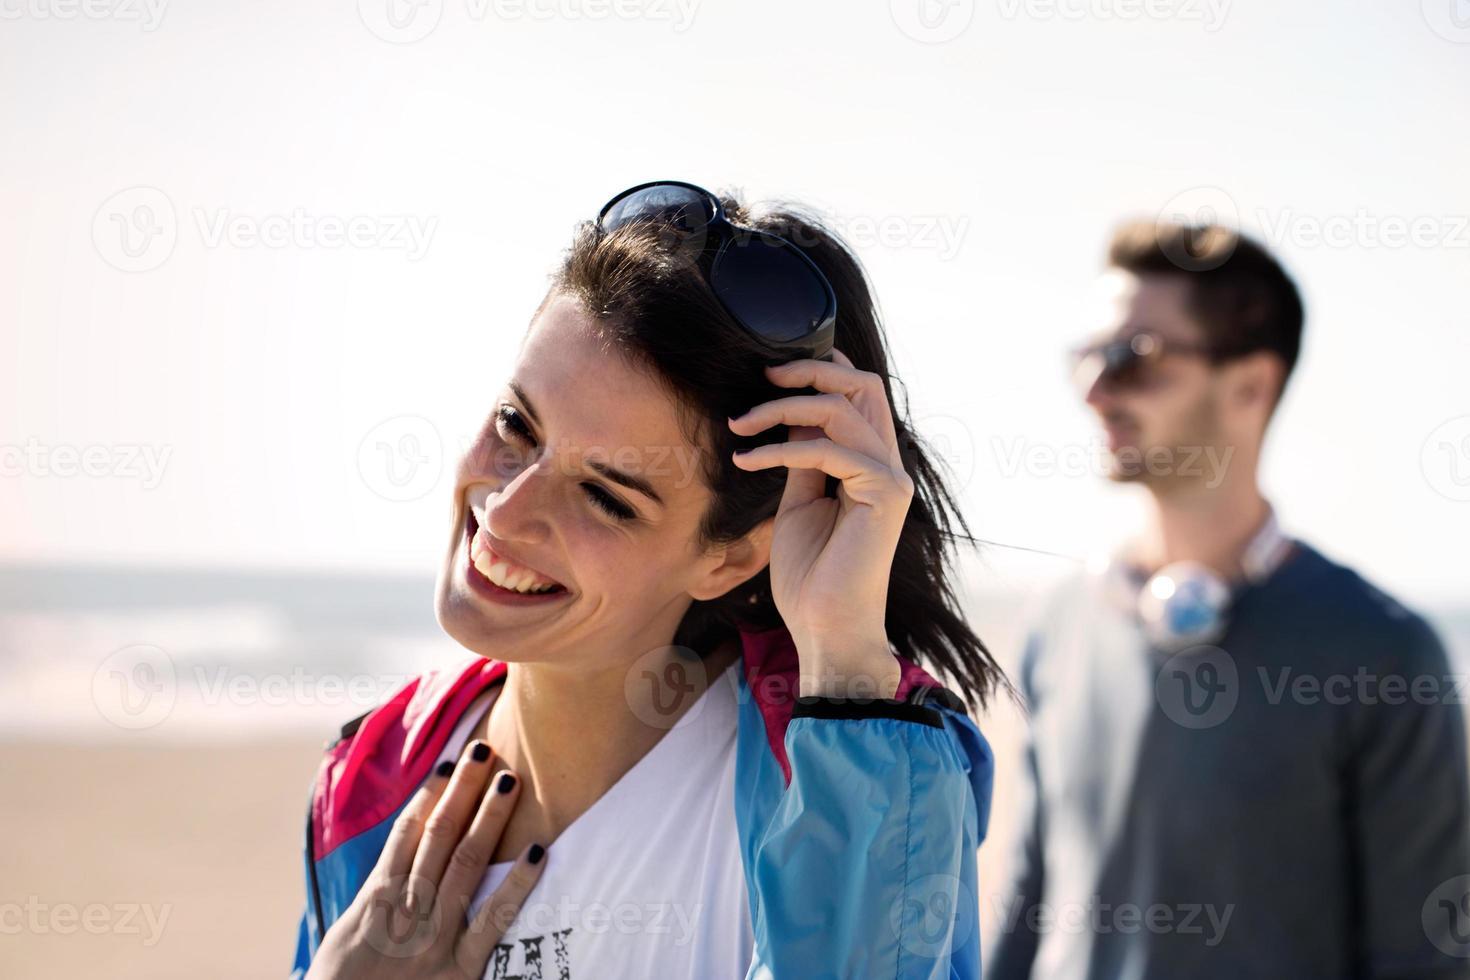 hermosa chica posando para una foto en el mar